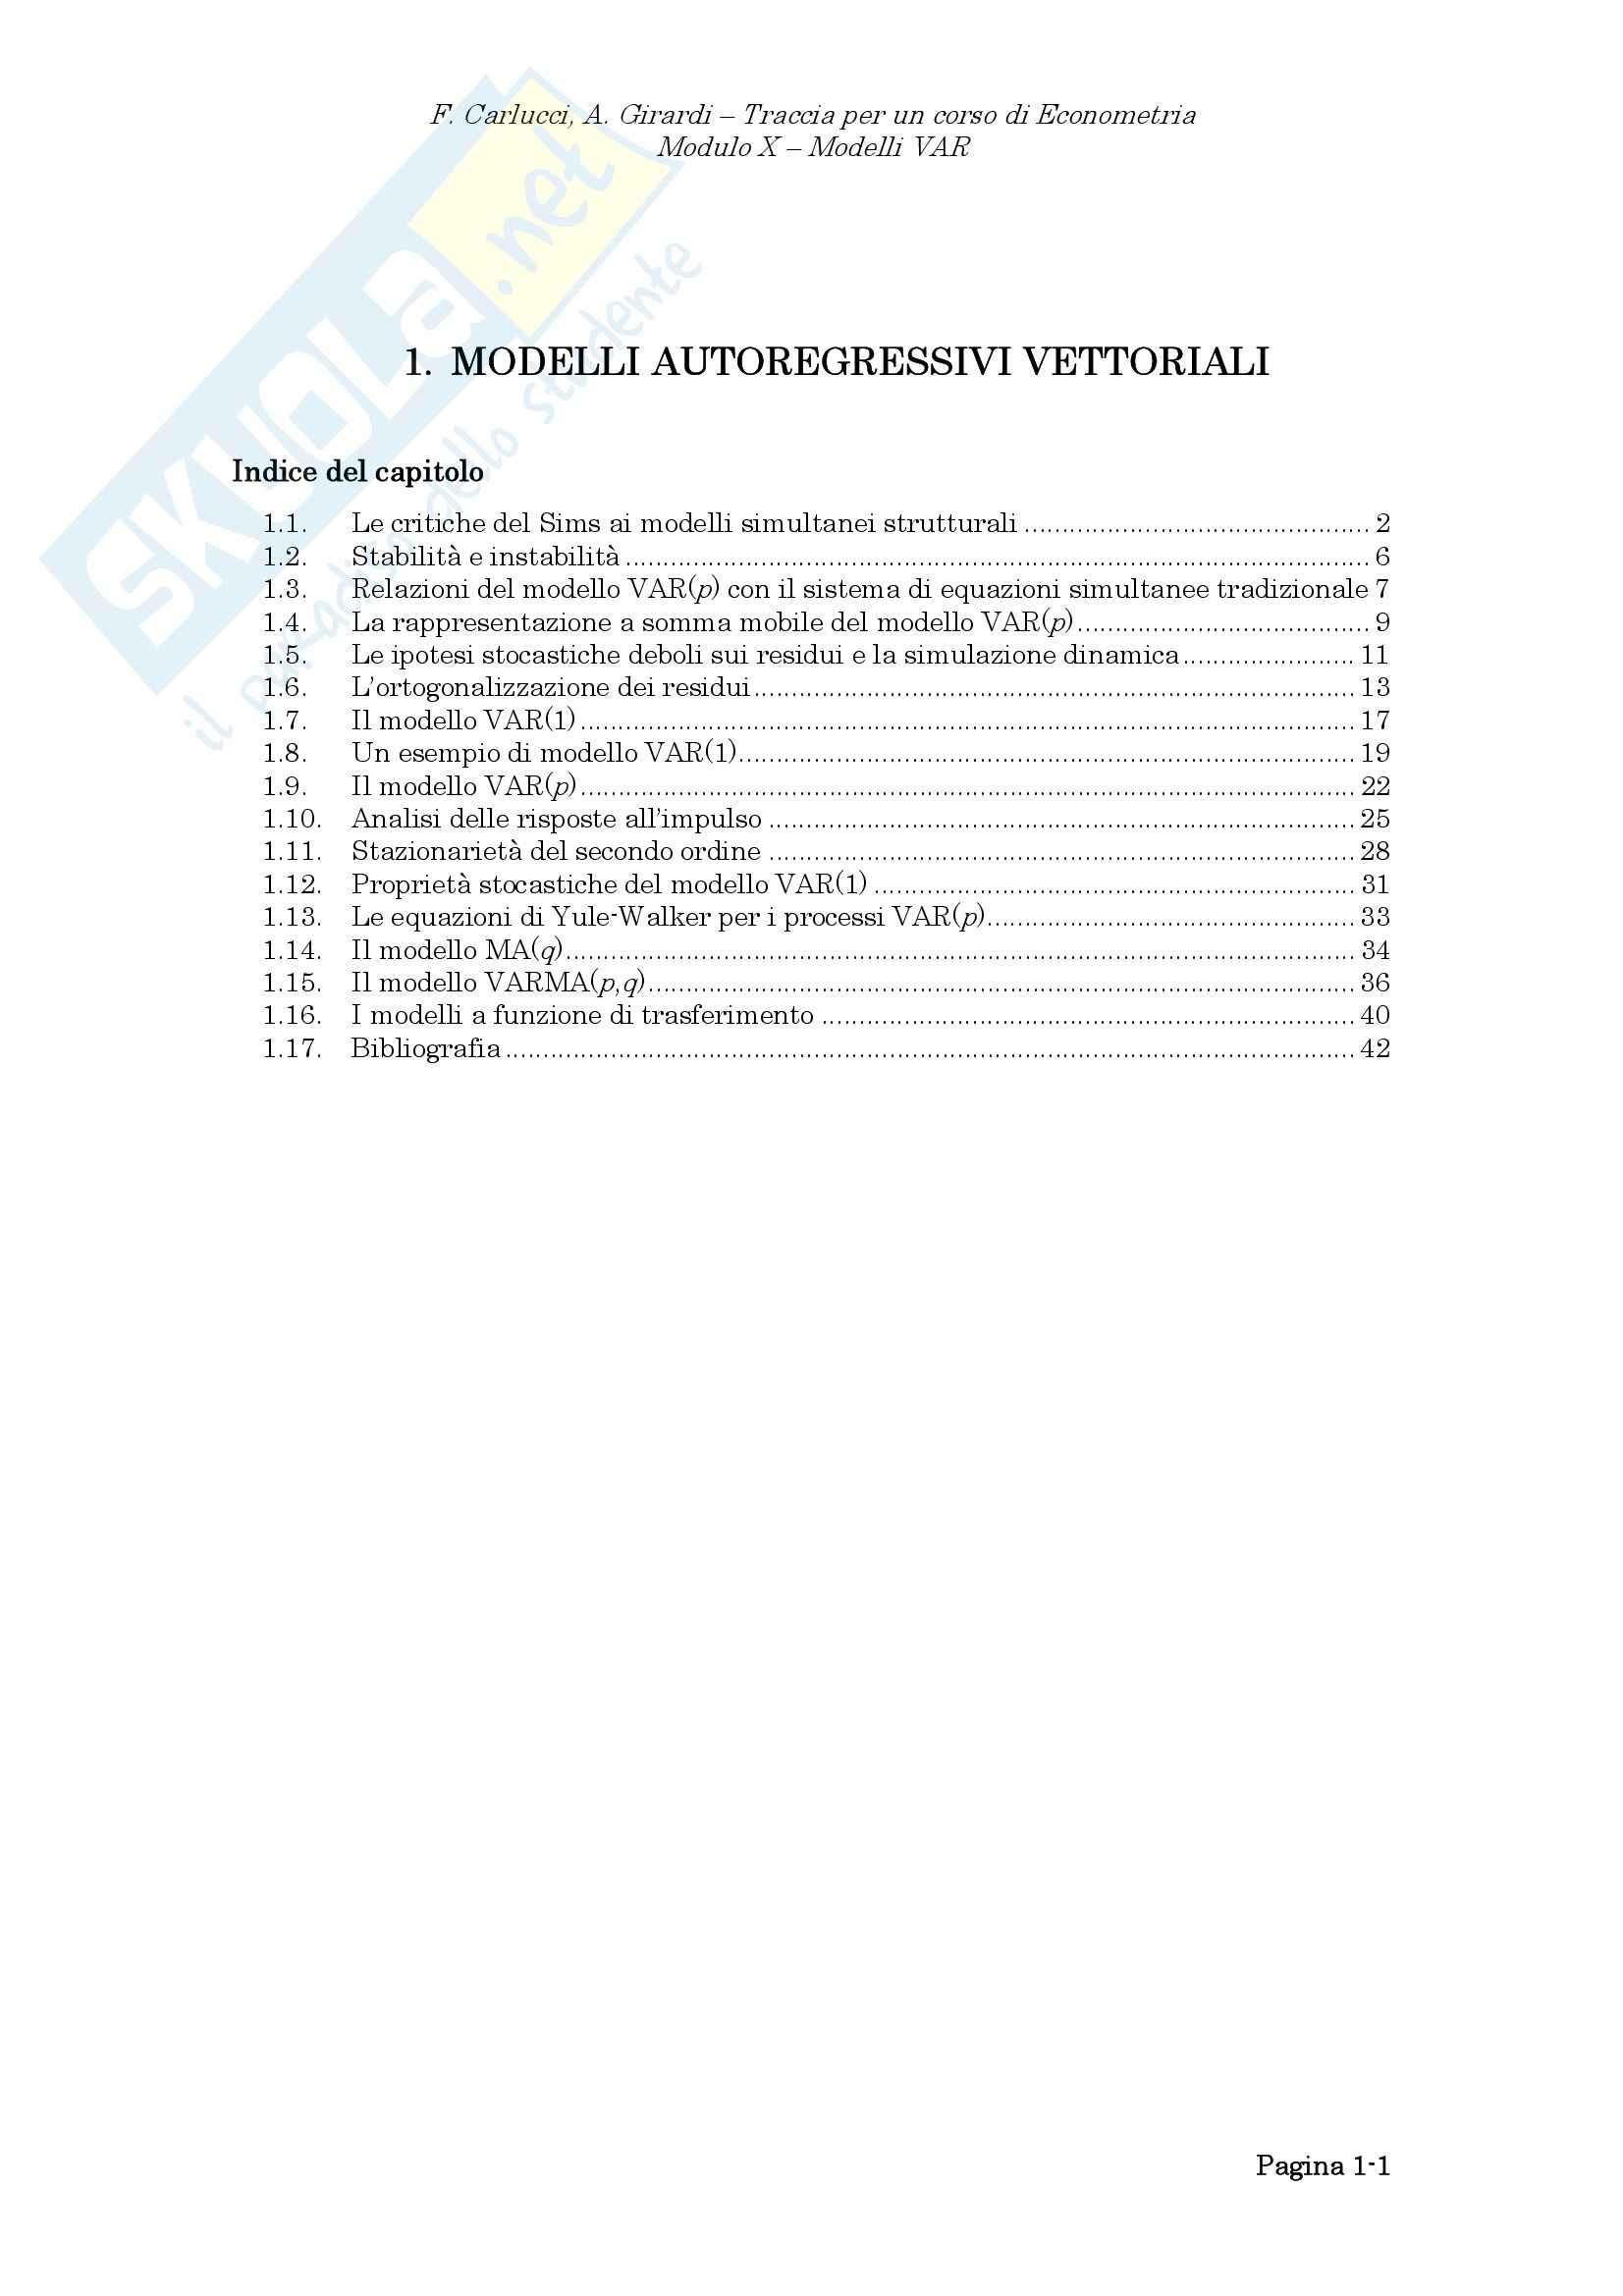 Econometria - i modelli autoregressivi vettoriali